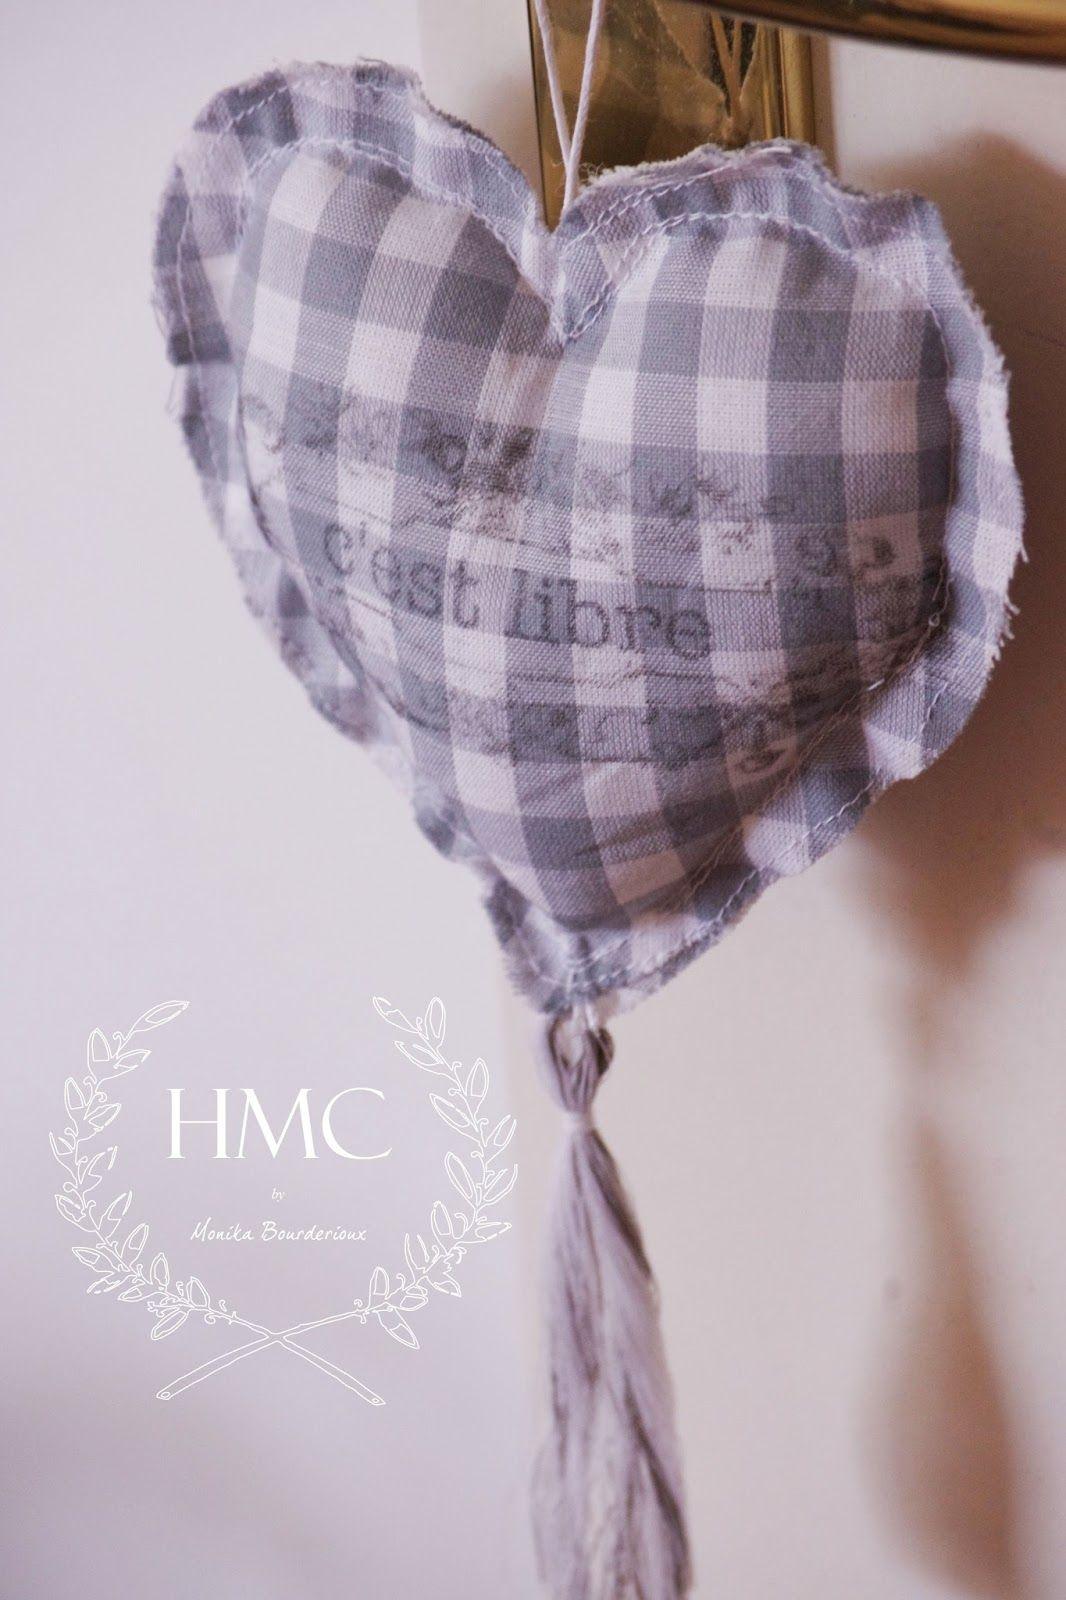 Happiness is Homemade: Lavender Hearts as Door Hanger